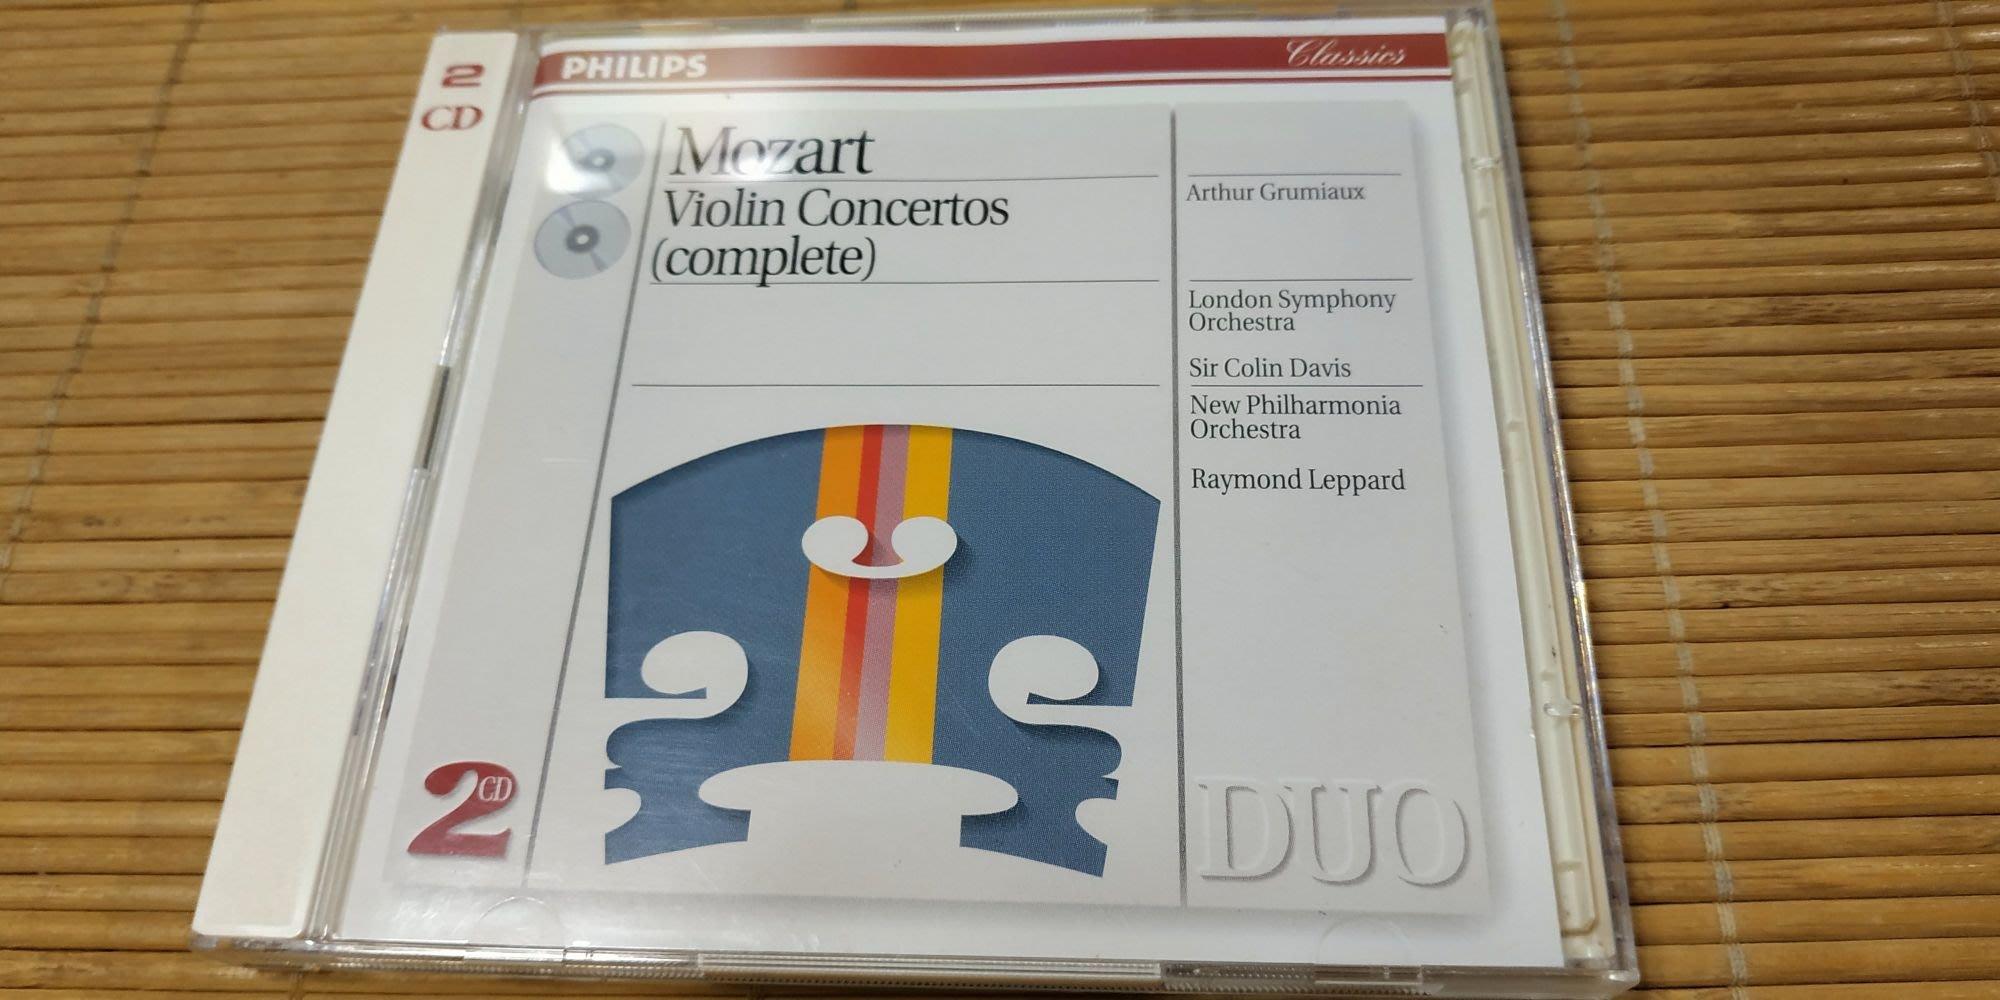 好音悅 半銀圈 Grumiaux 葛羅米歐 Mozart 莫札特 小提琴協奏曲全集 2CD Philips 德PMDC版